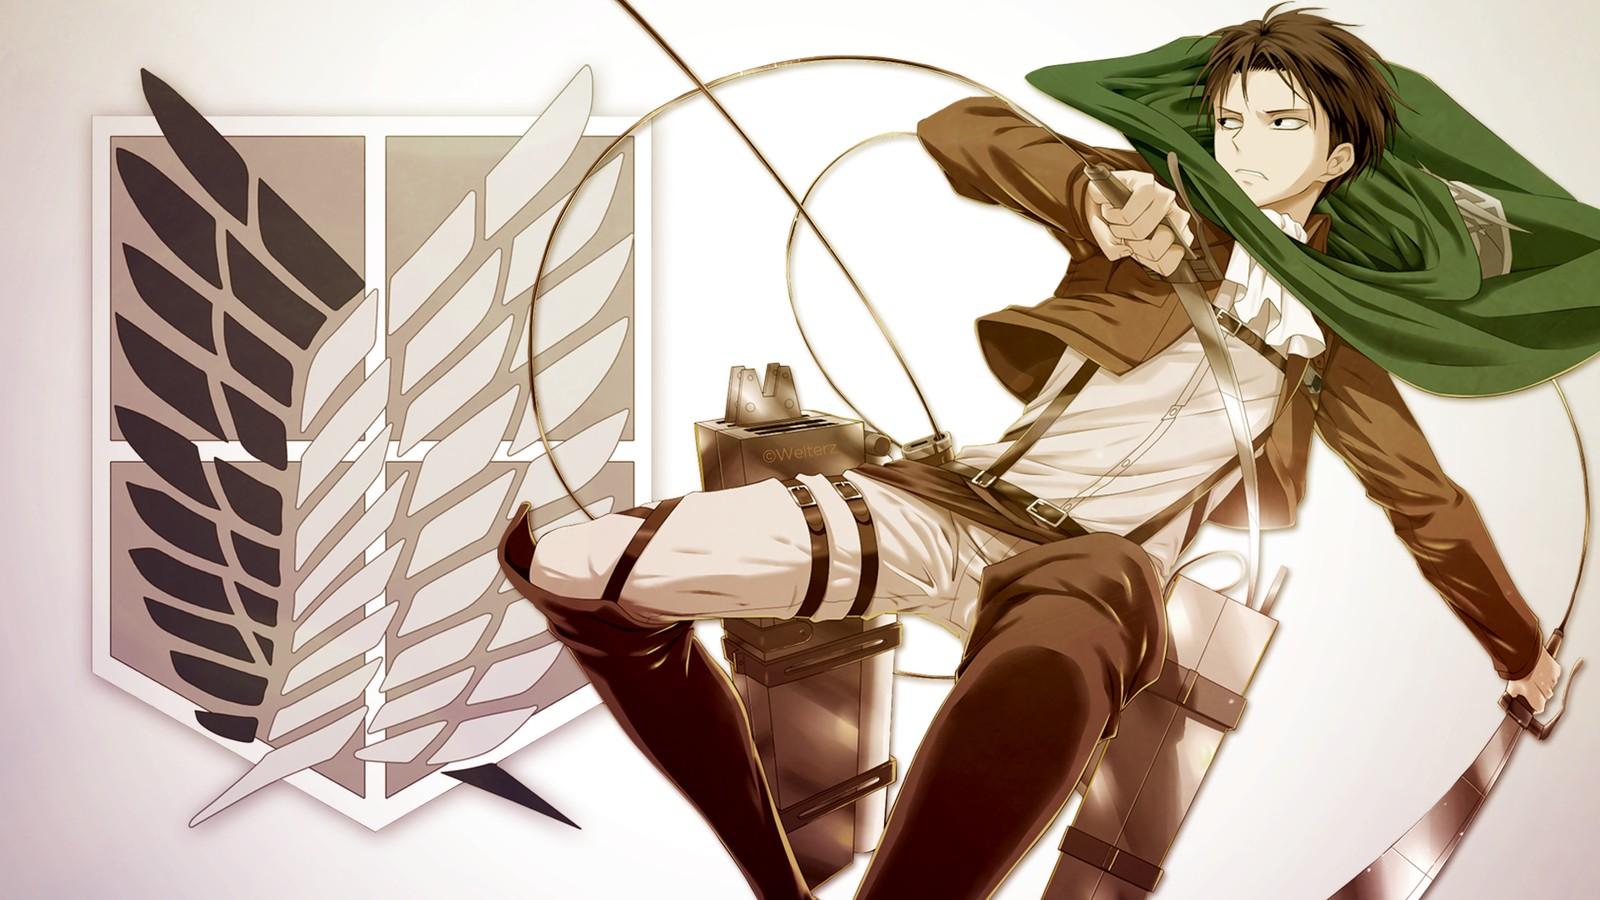 Wallpaper 1600x900 Px Gadis Anime Levi Ackerman Shingeki No Kyojin 1600x900 Coolwallpapers 1517199 Hd Wallpapers Wallhere